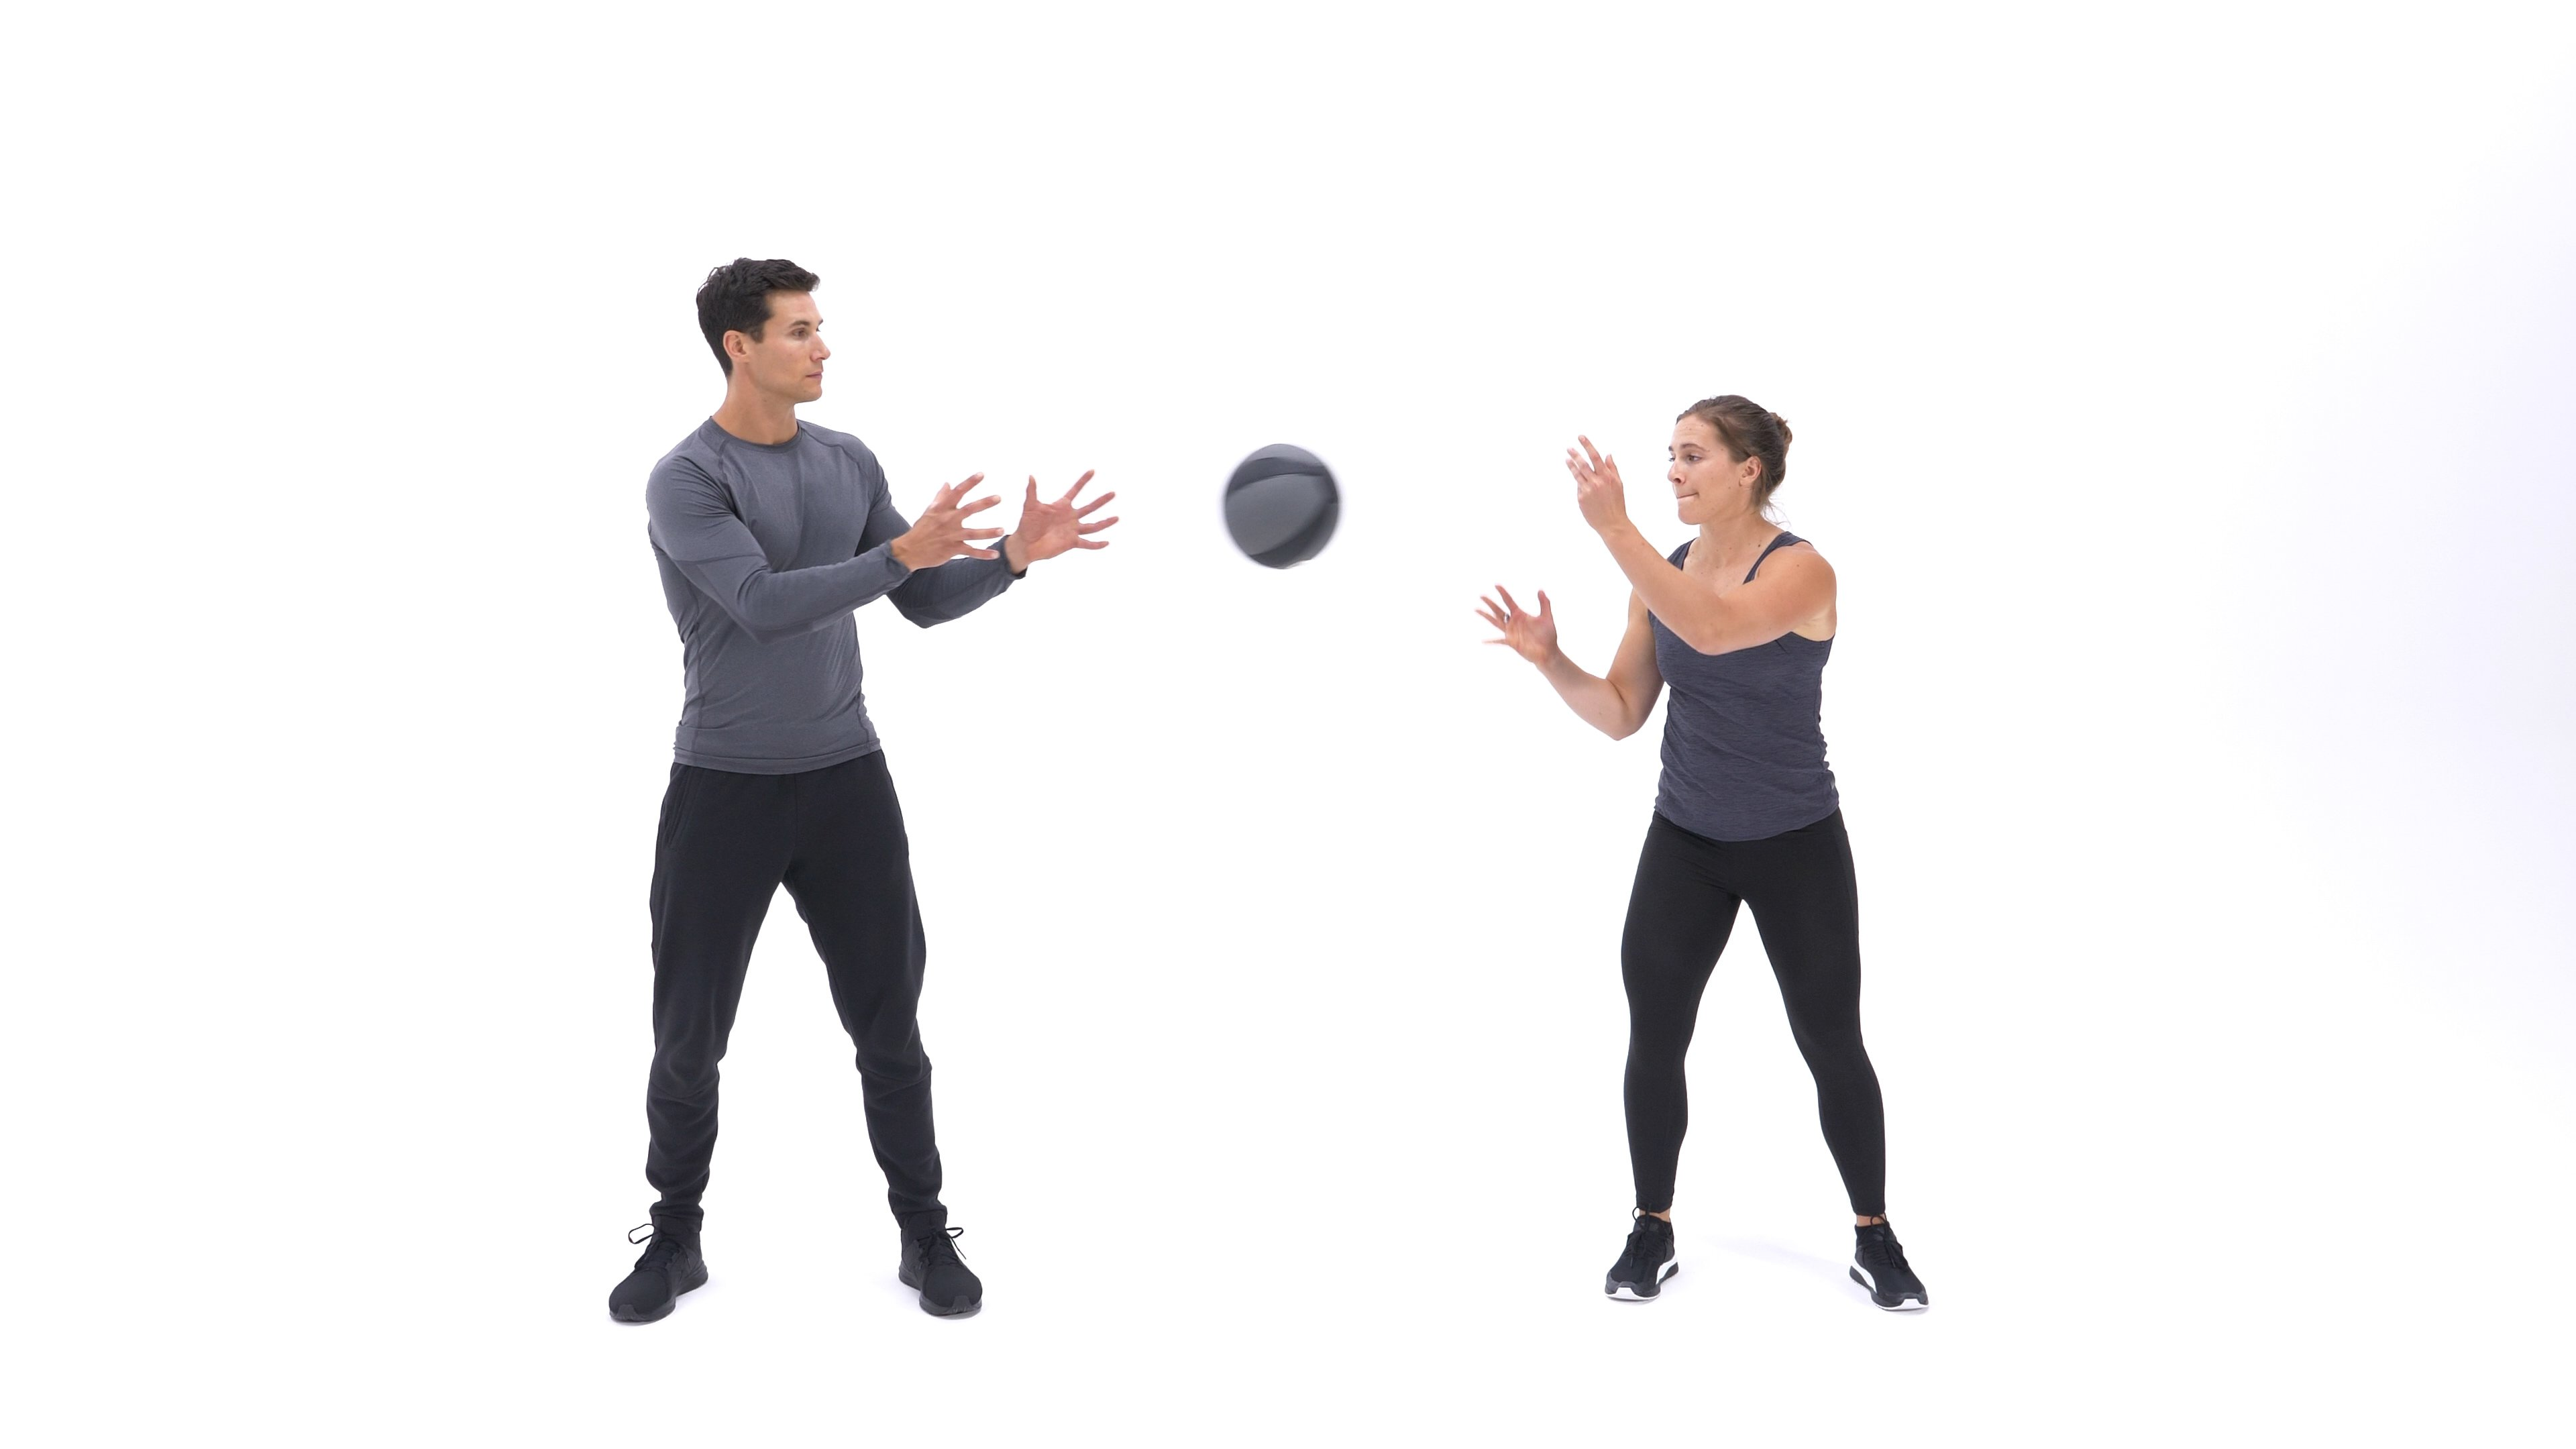 Medicine ball rotational throw image